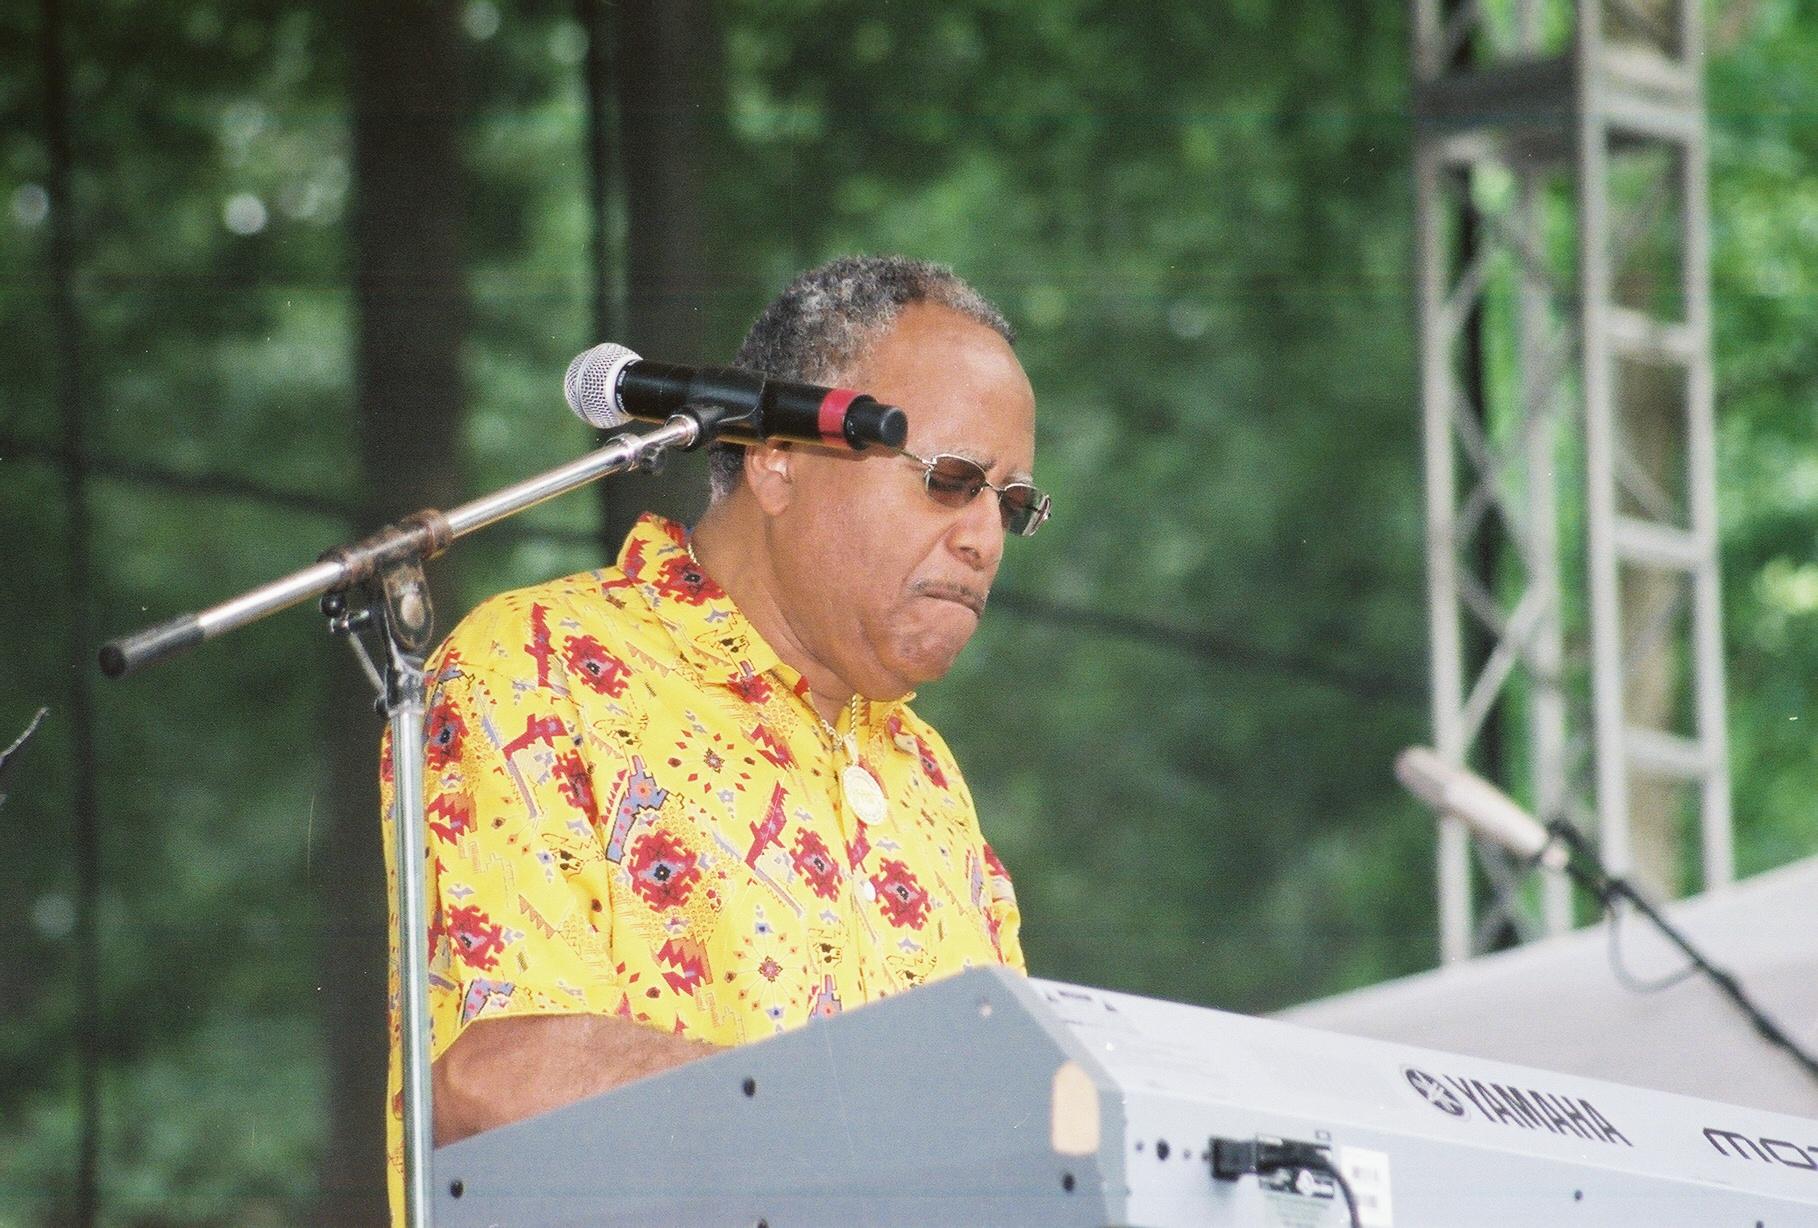 Lonnie Liston Smith 2006 Capital Jazzfest